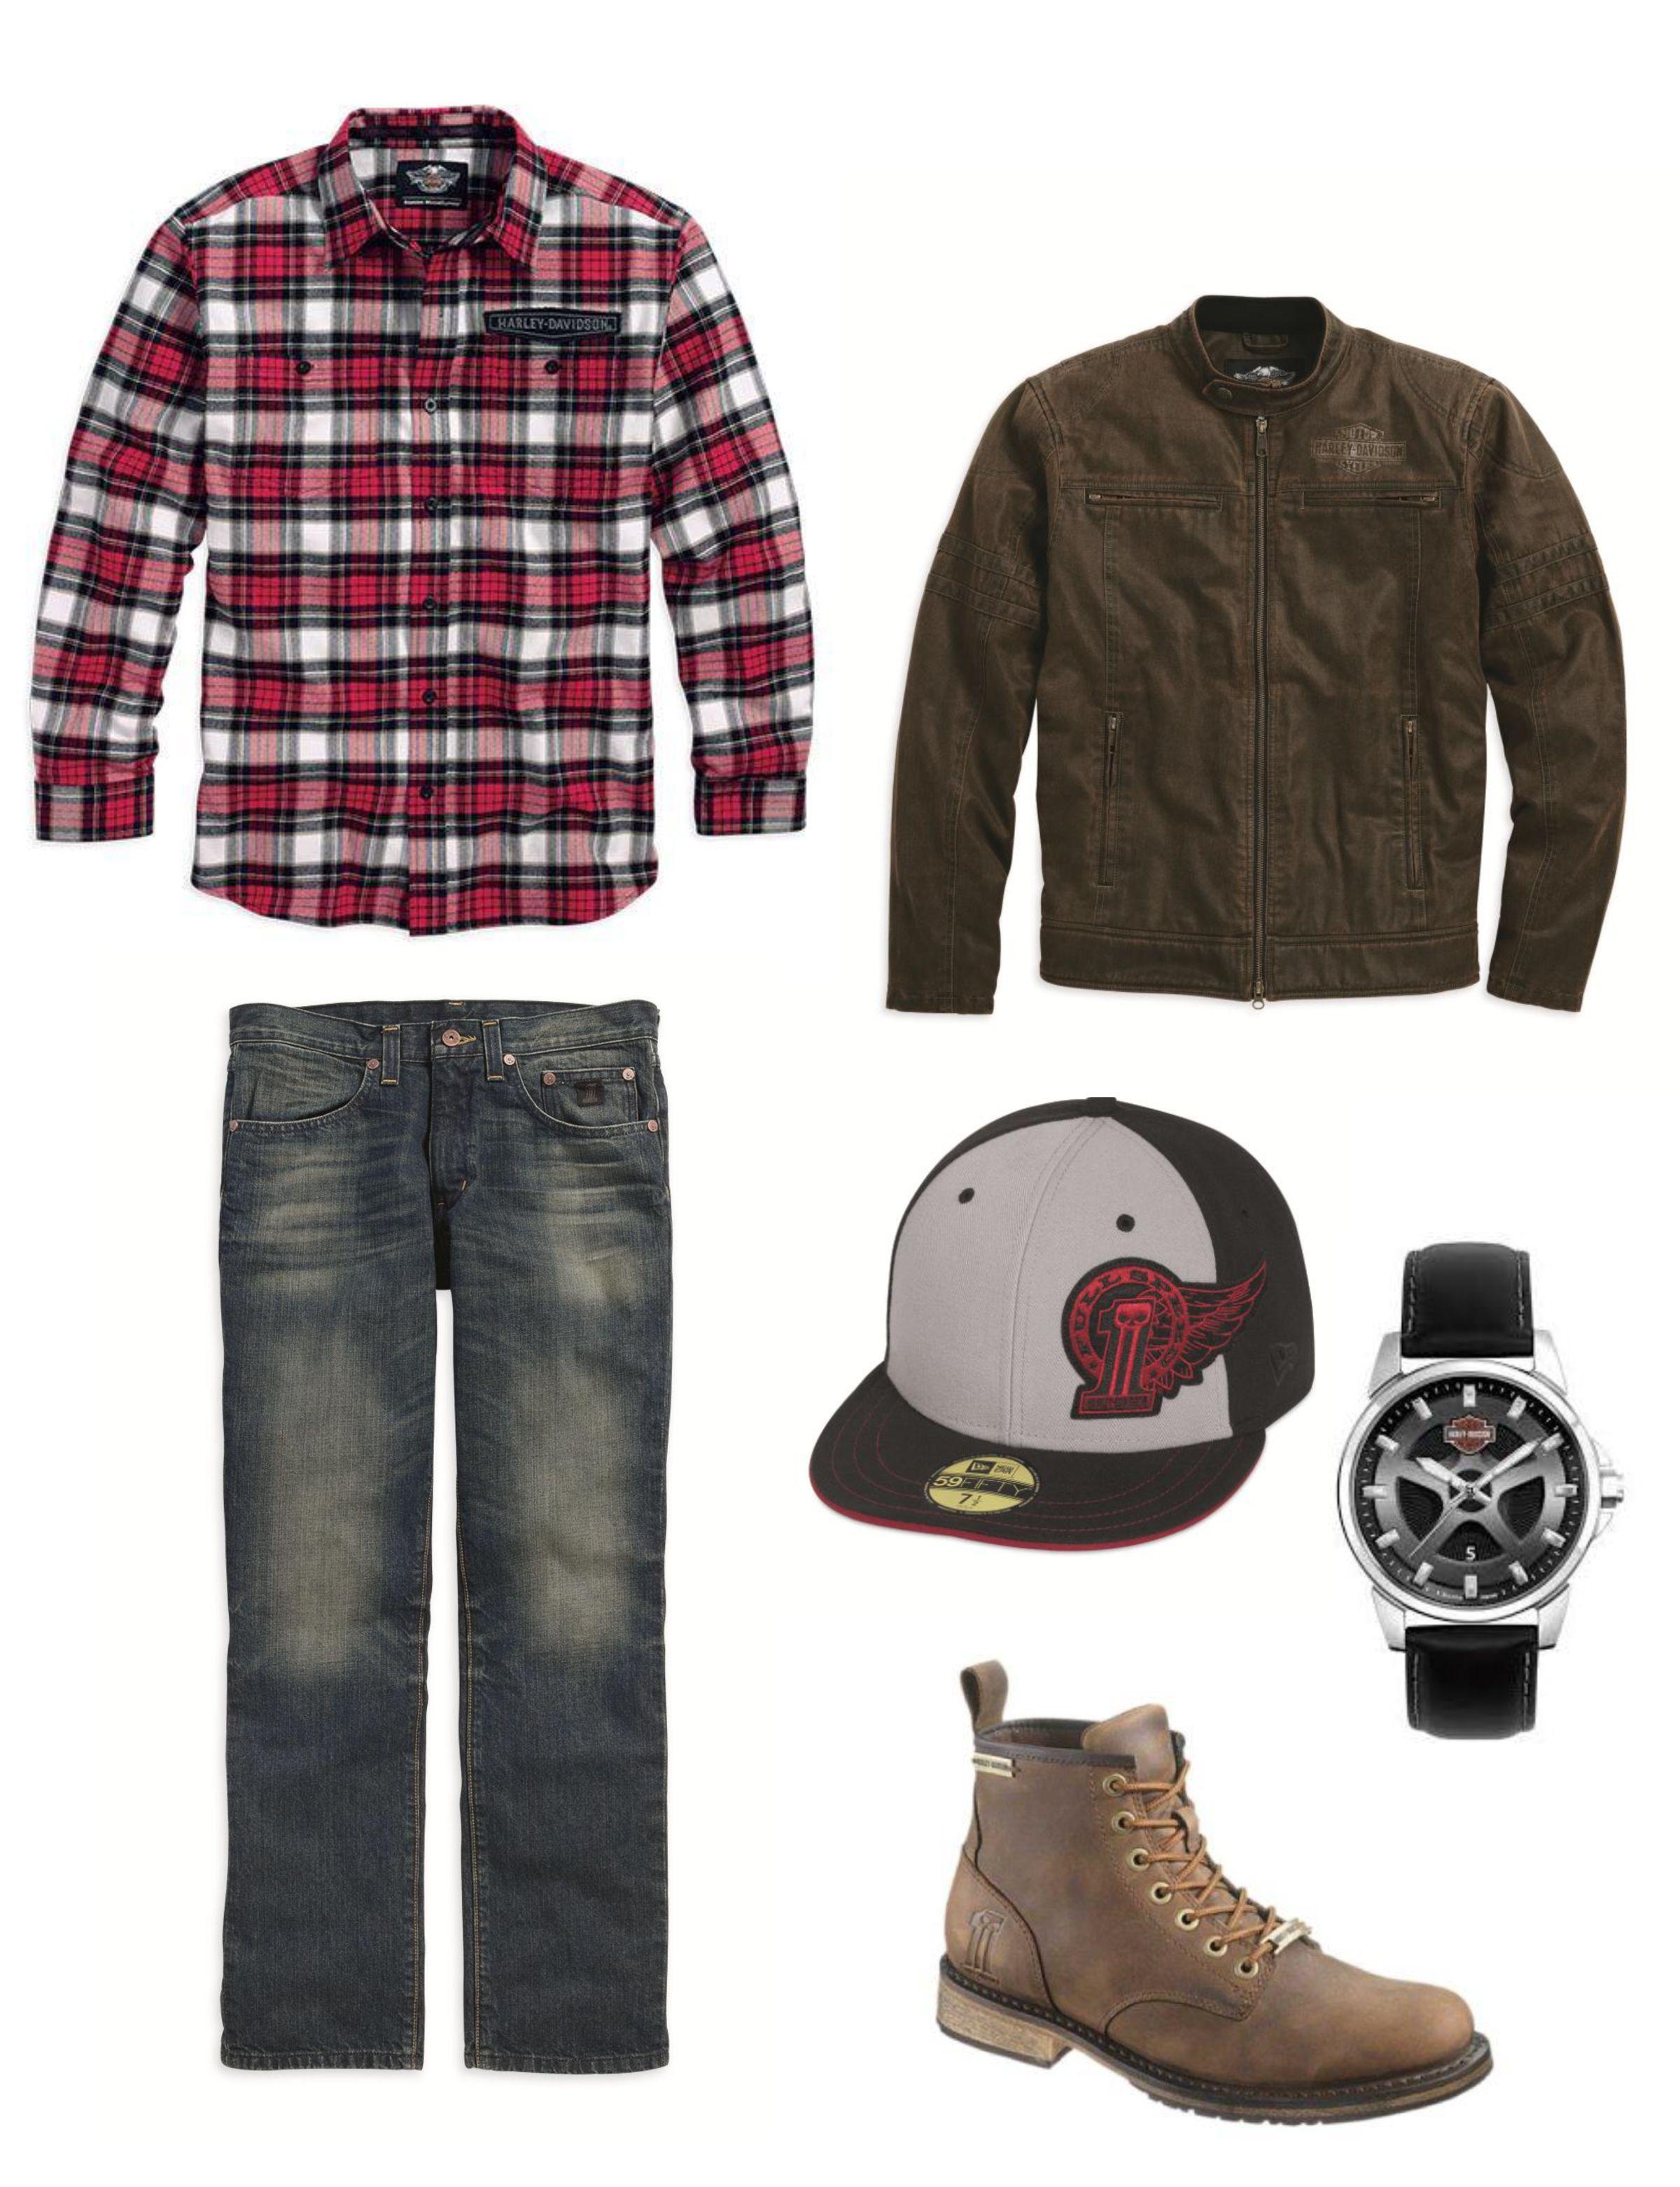 harley-davidson mens outfit: slimfit jeans, flannel, hornback moto